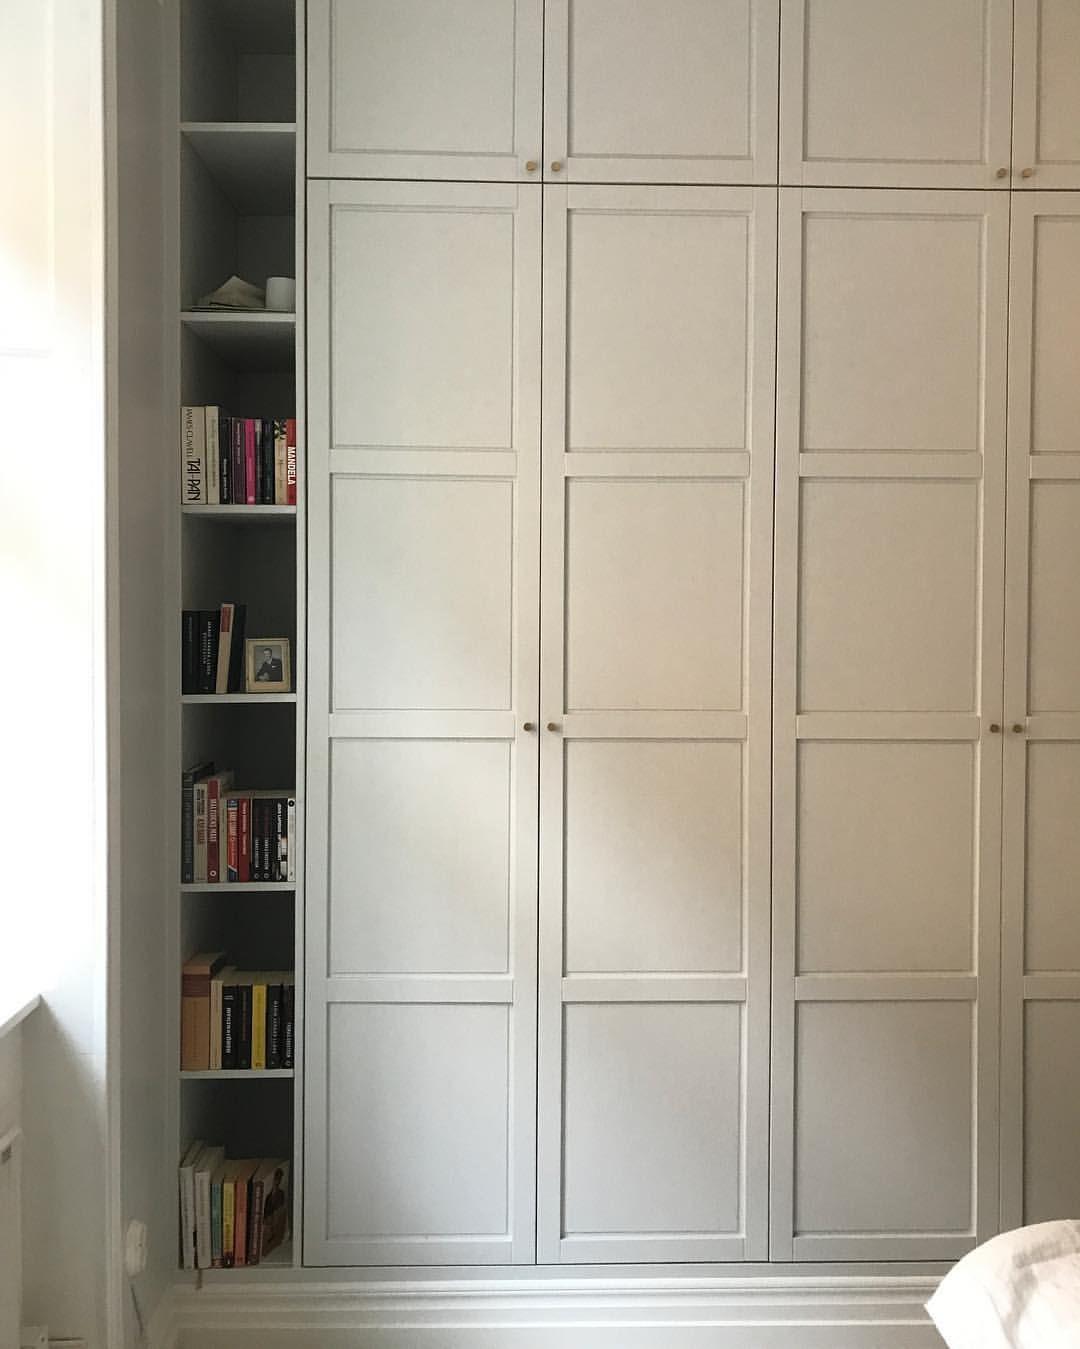 garderobsväggen har fått ny färg och en platsbyggd bokhylla som